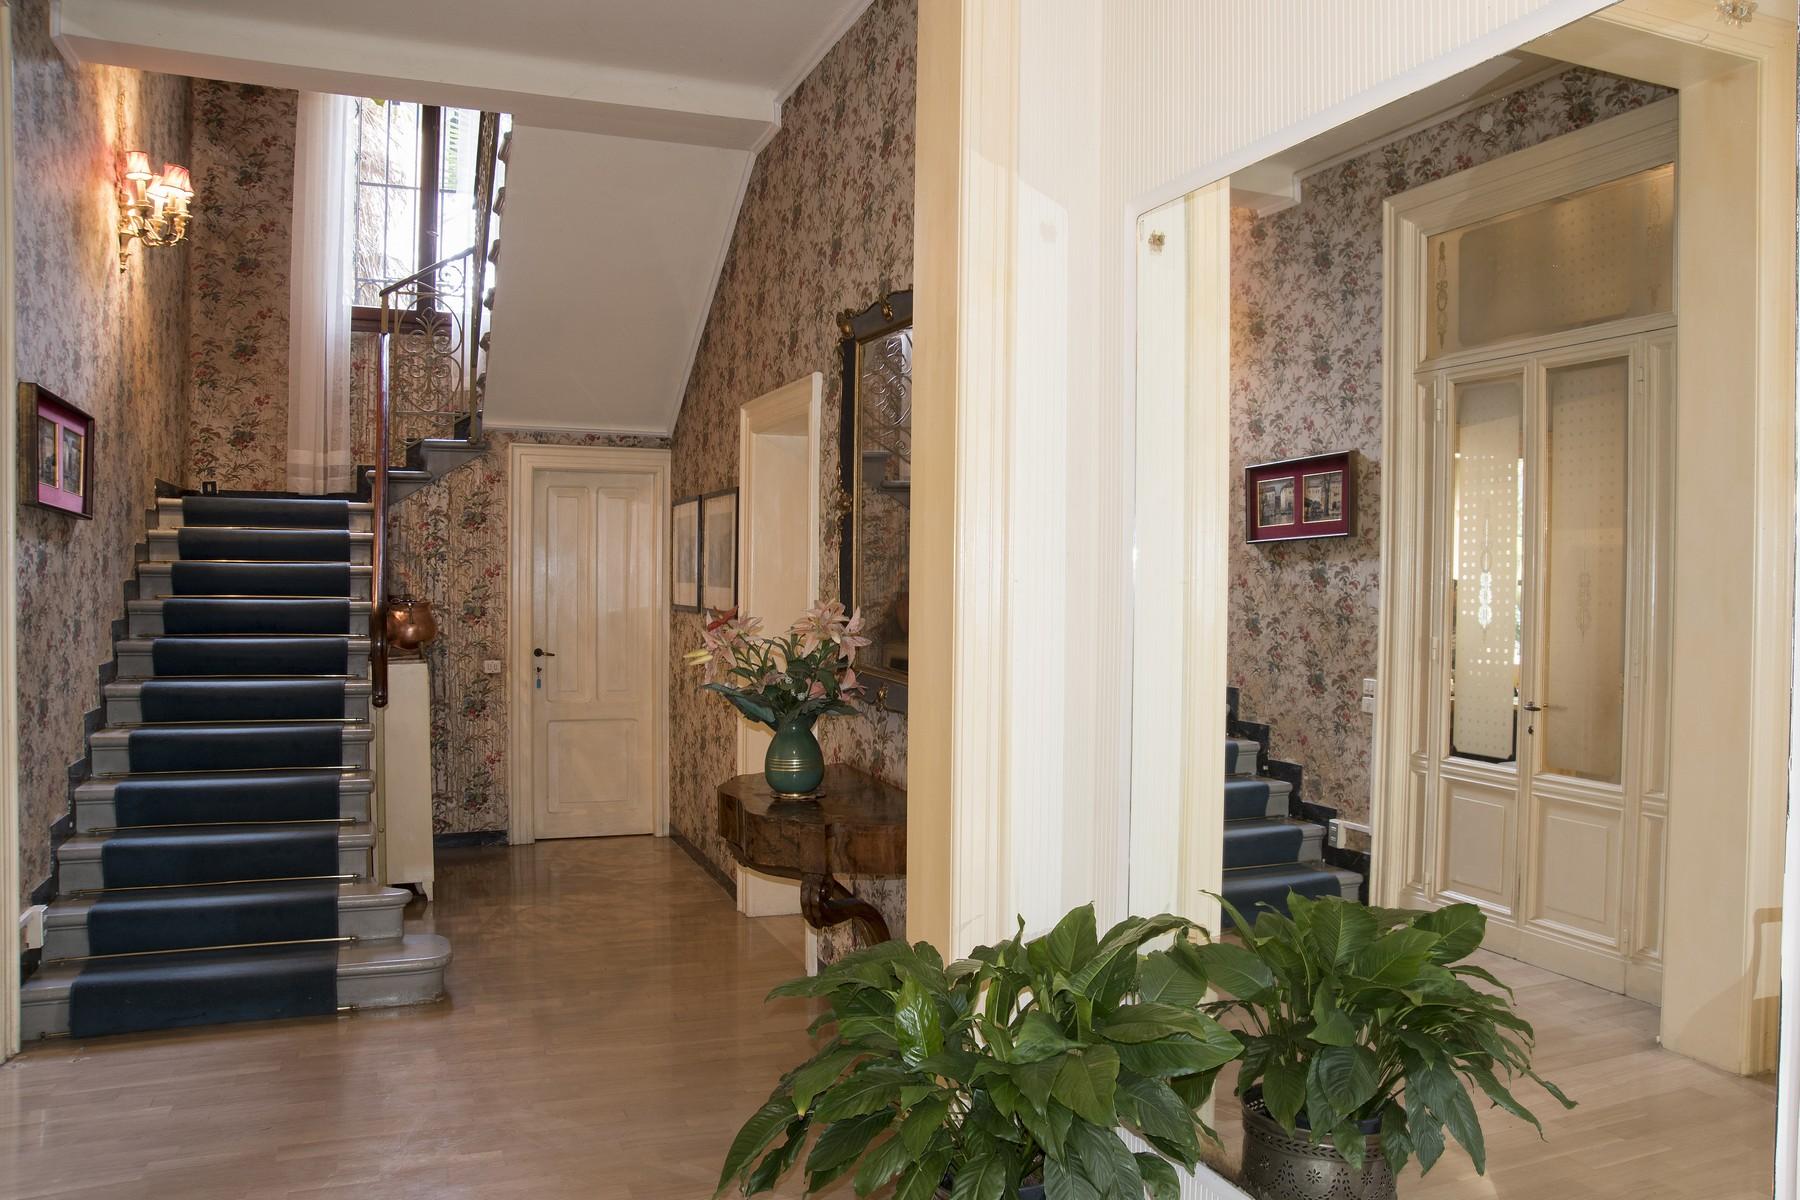 Villa in Vendita a Treviso: 5 locali, 460 mq - Foto 6